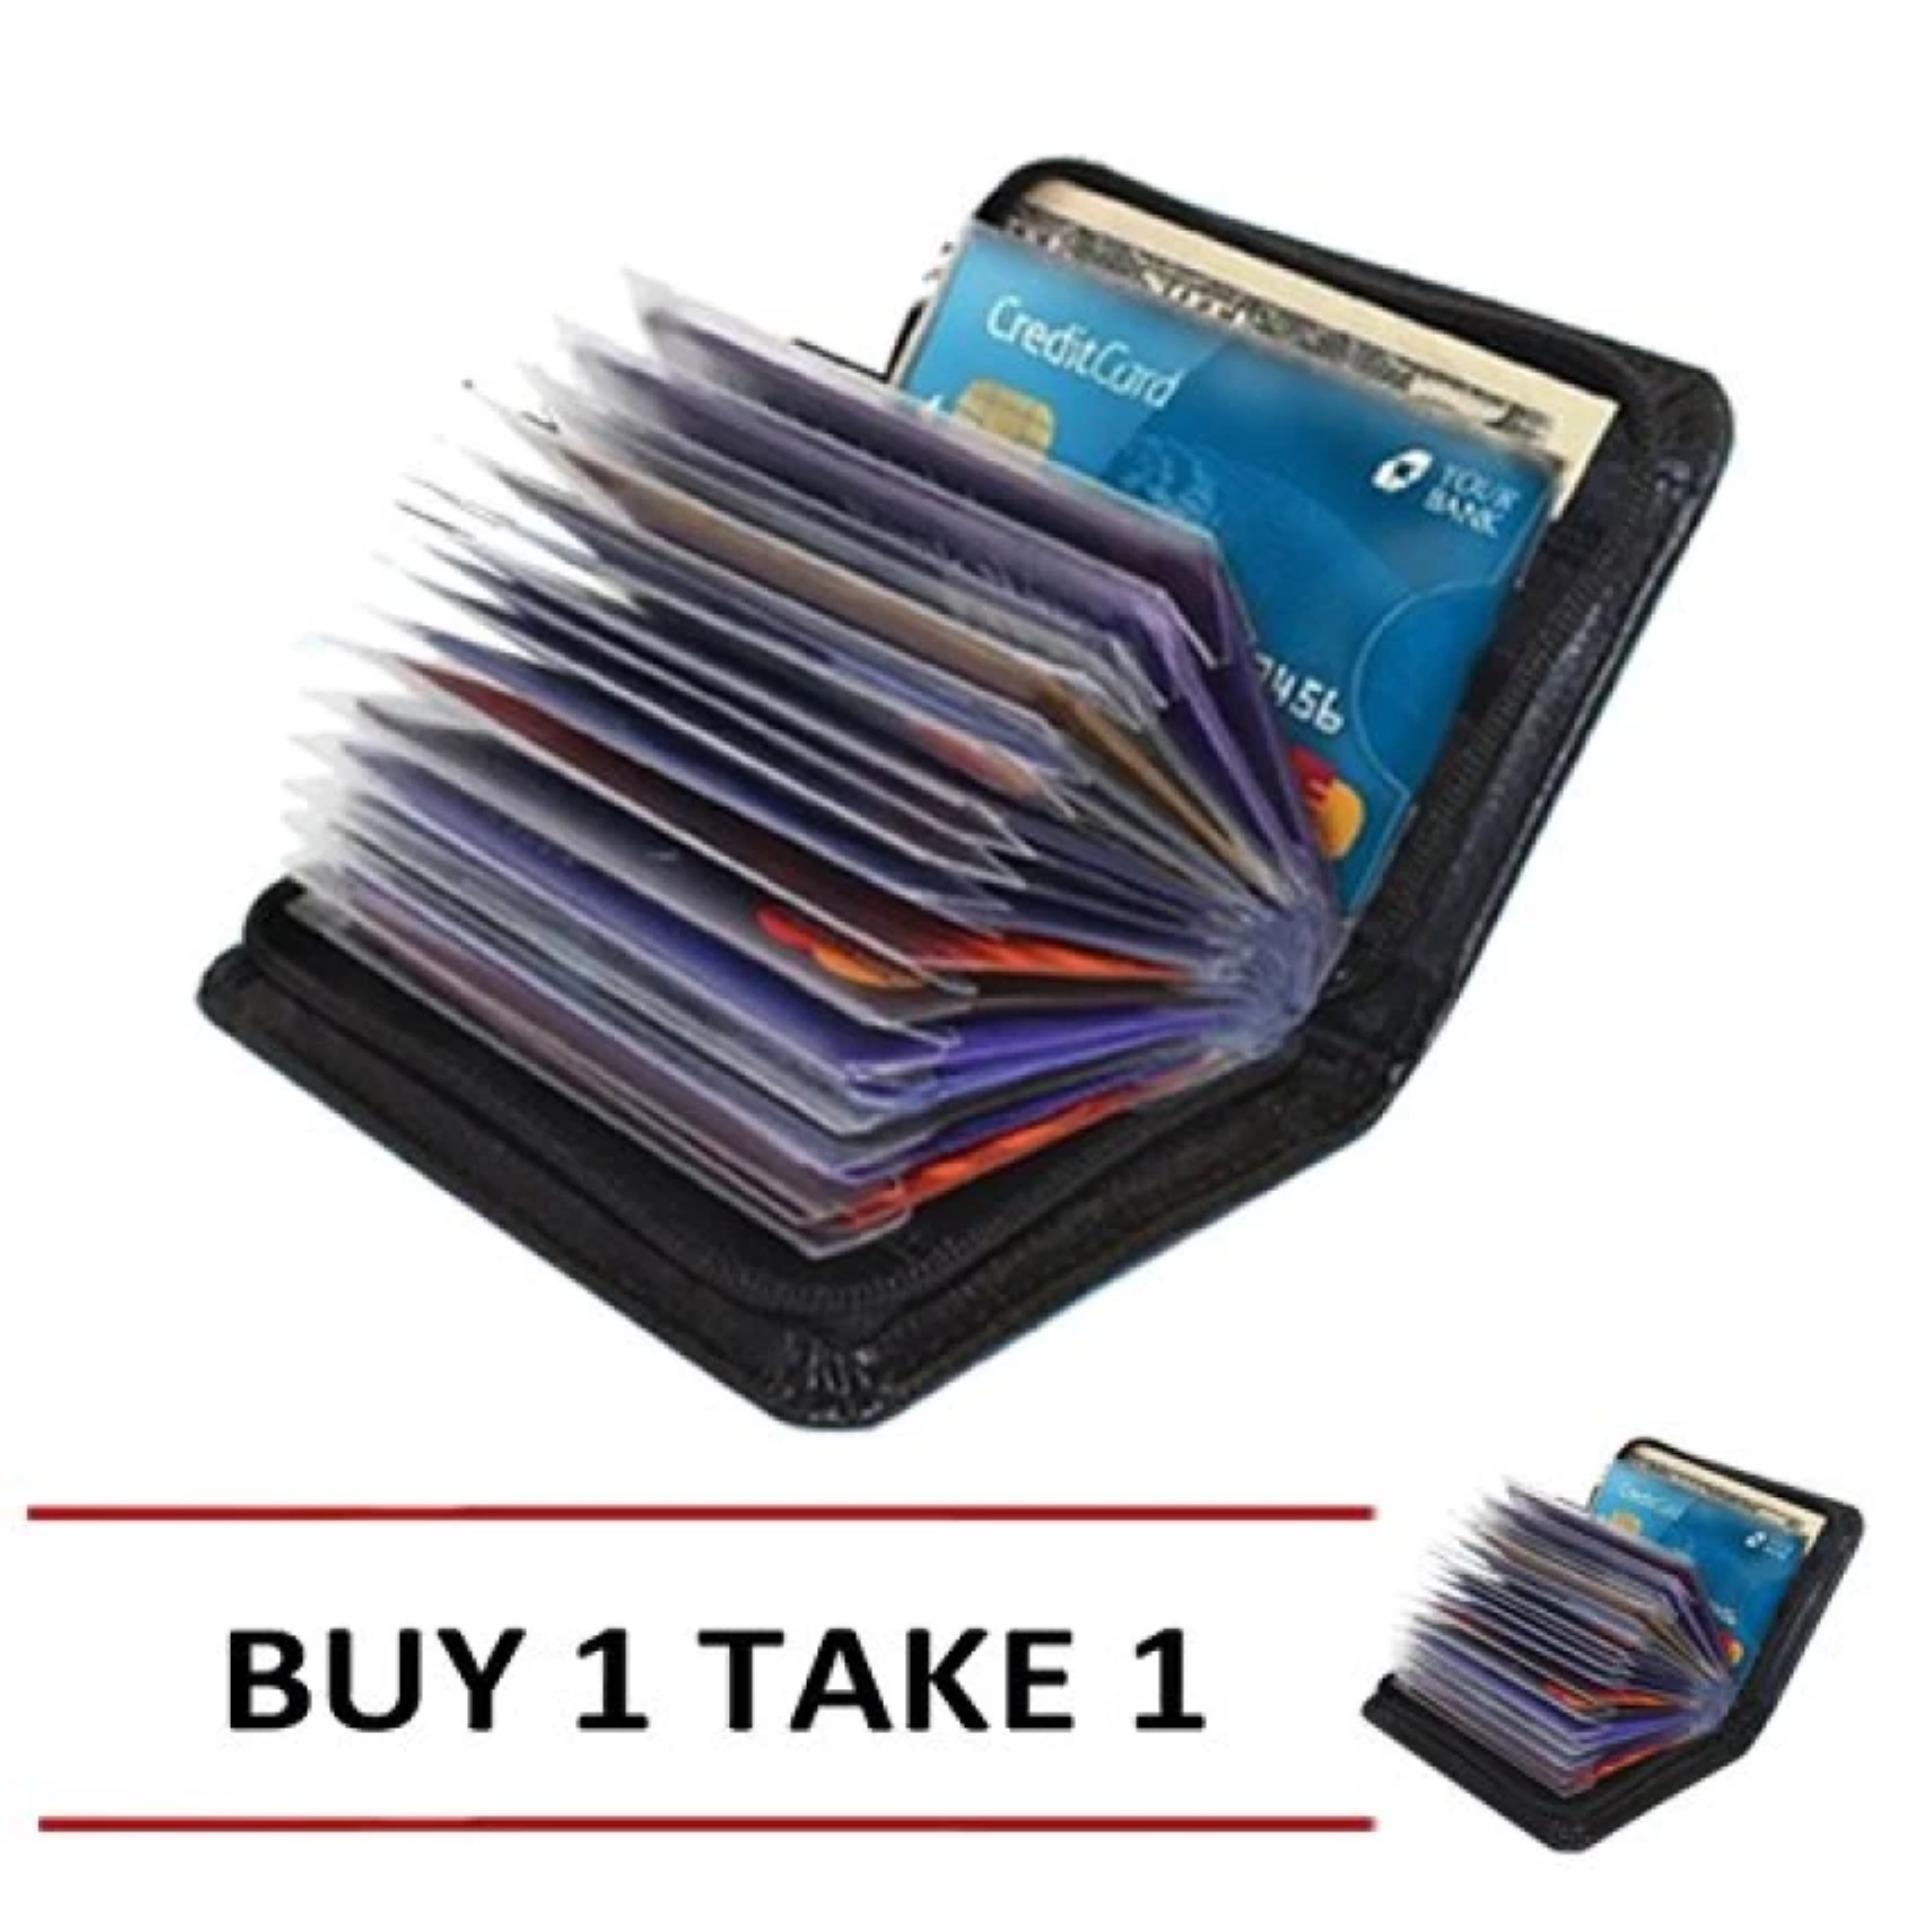 Below SRP Security Lock Wallet ATM Credit Card Wallet Buy 1 Take 1